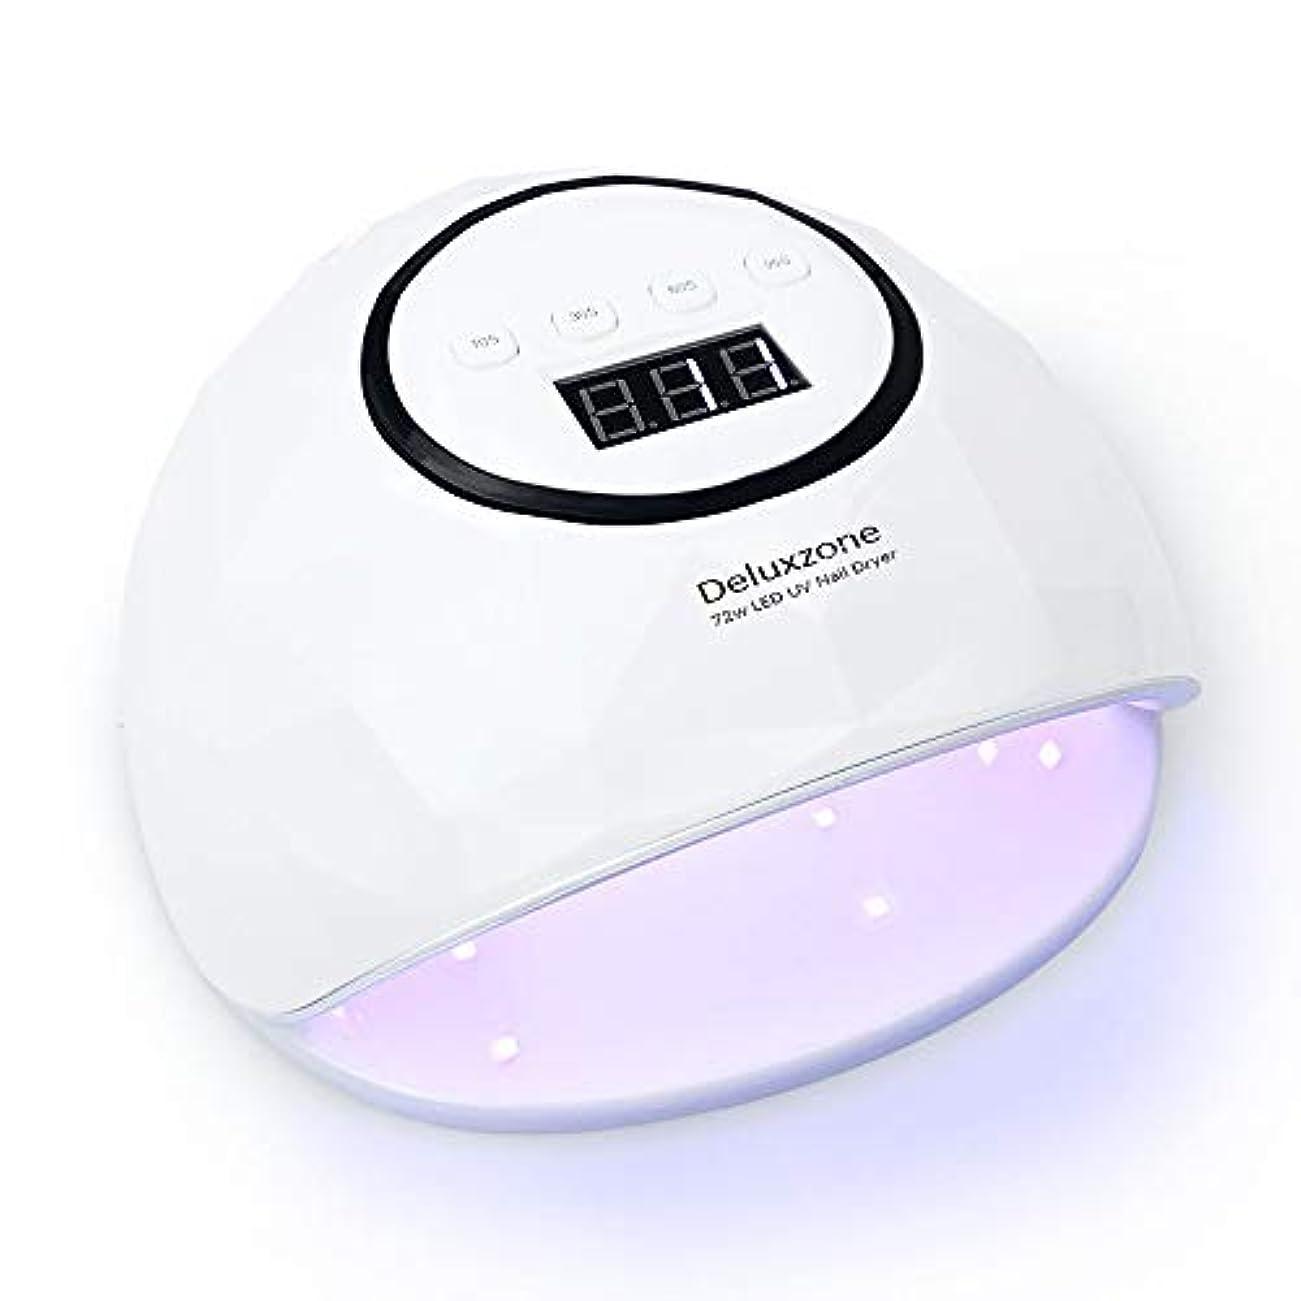 円形聞くハイライトUV LED ネイルドライヤー ジェルネイル ライト UV LED 72 W ハイパワー 赤外線検知 UV &LEDダブルライト ジェルネイル用 四つタイマー設定可能 硬化用 マニキュア用ライト ランプ